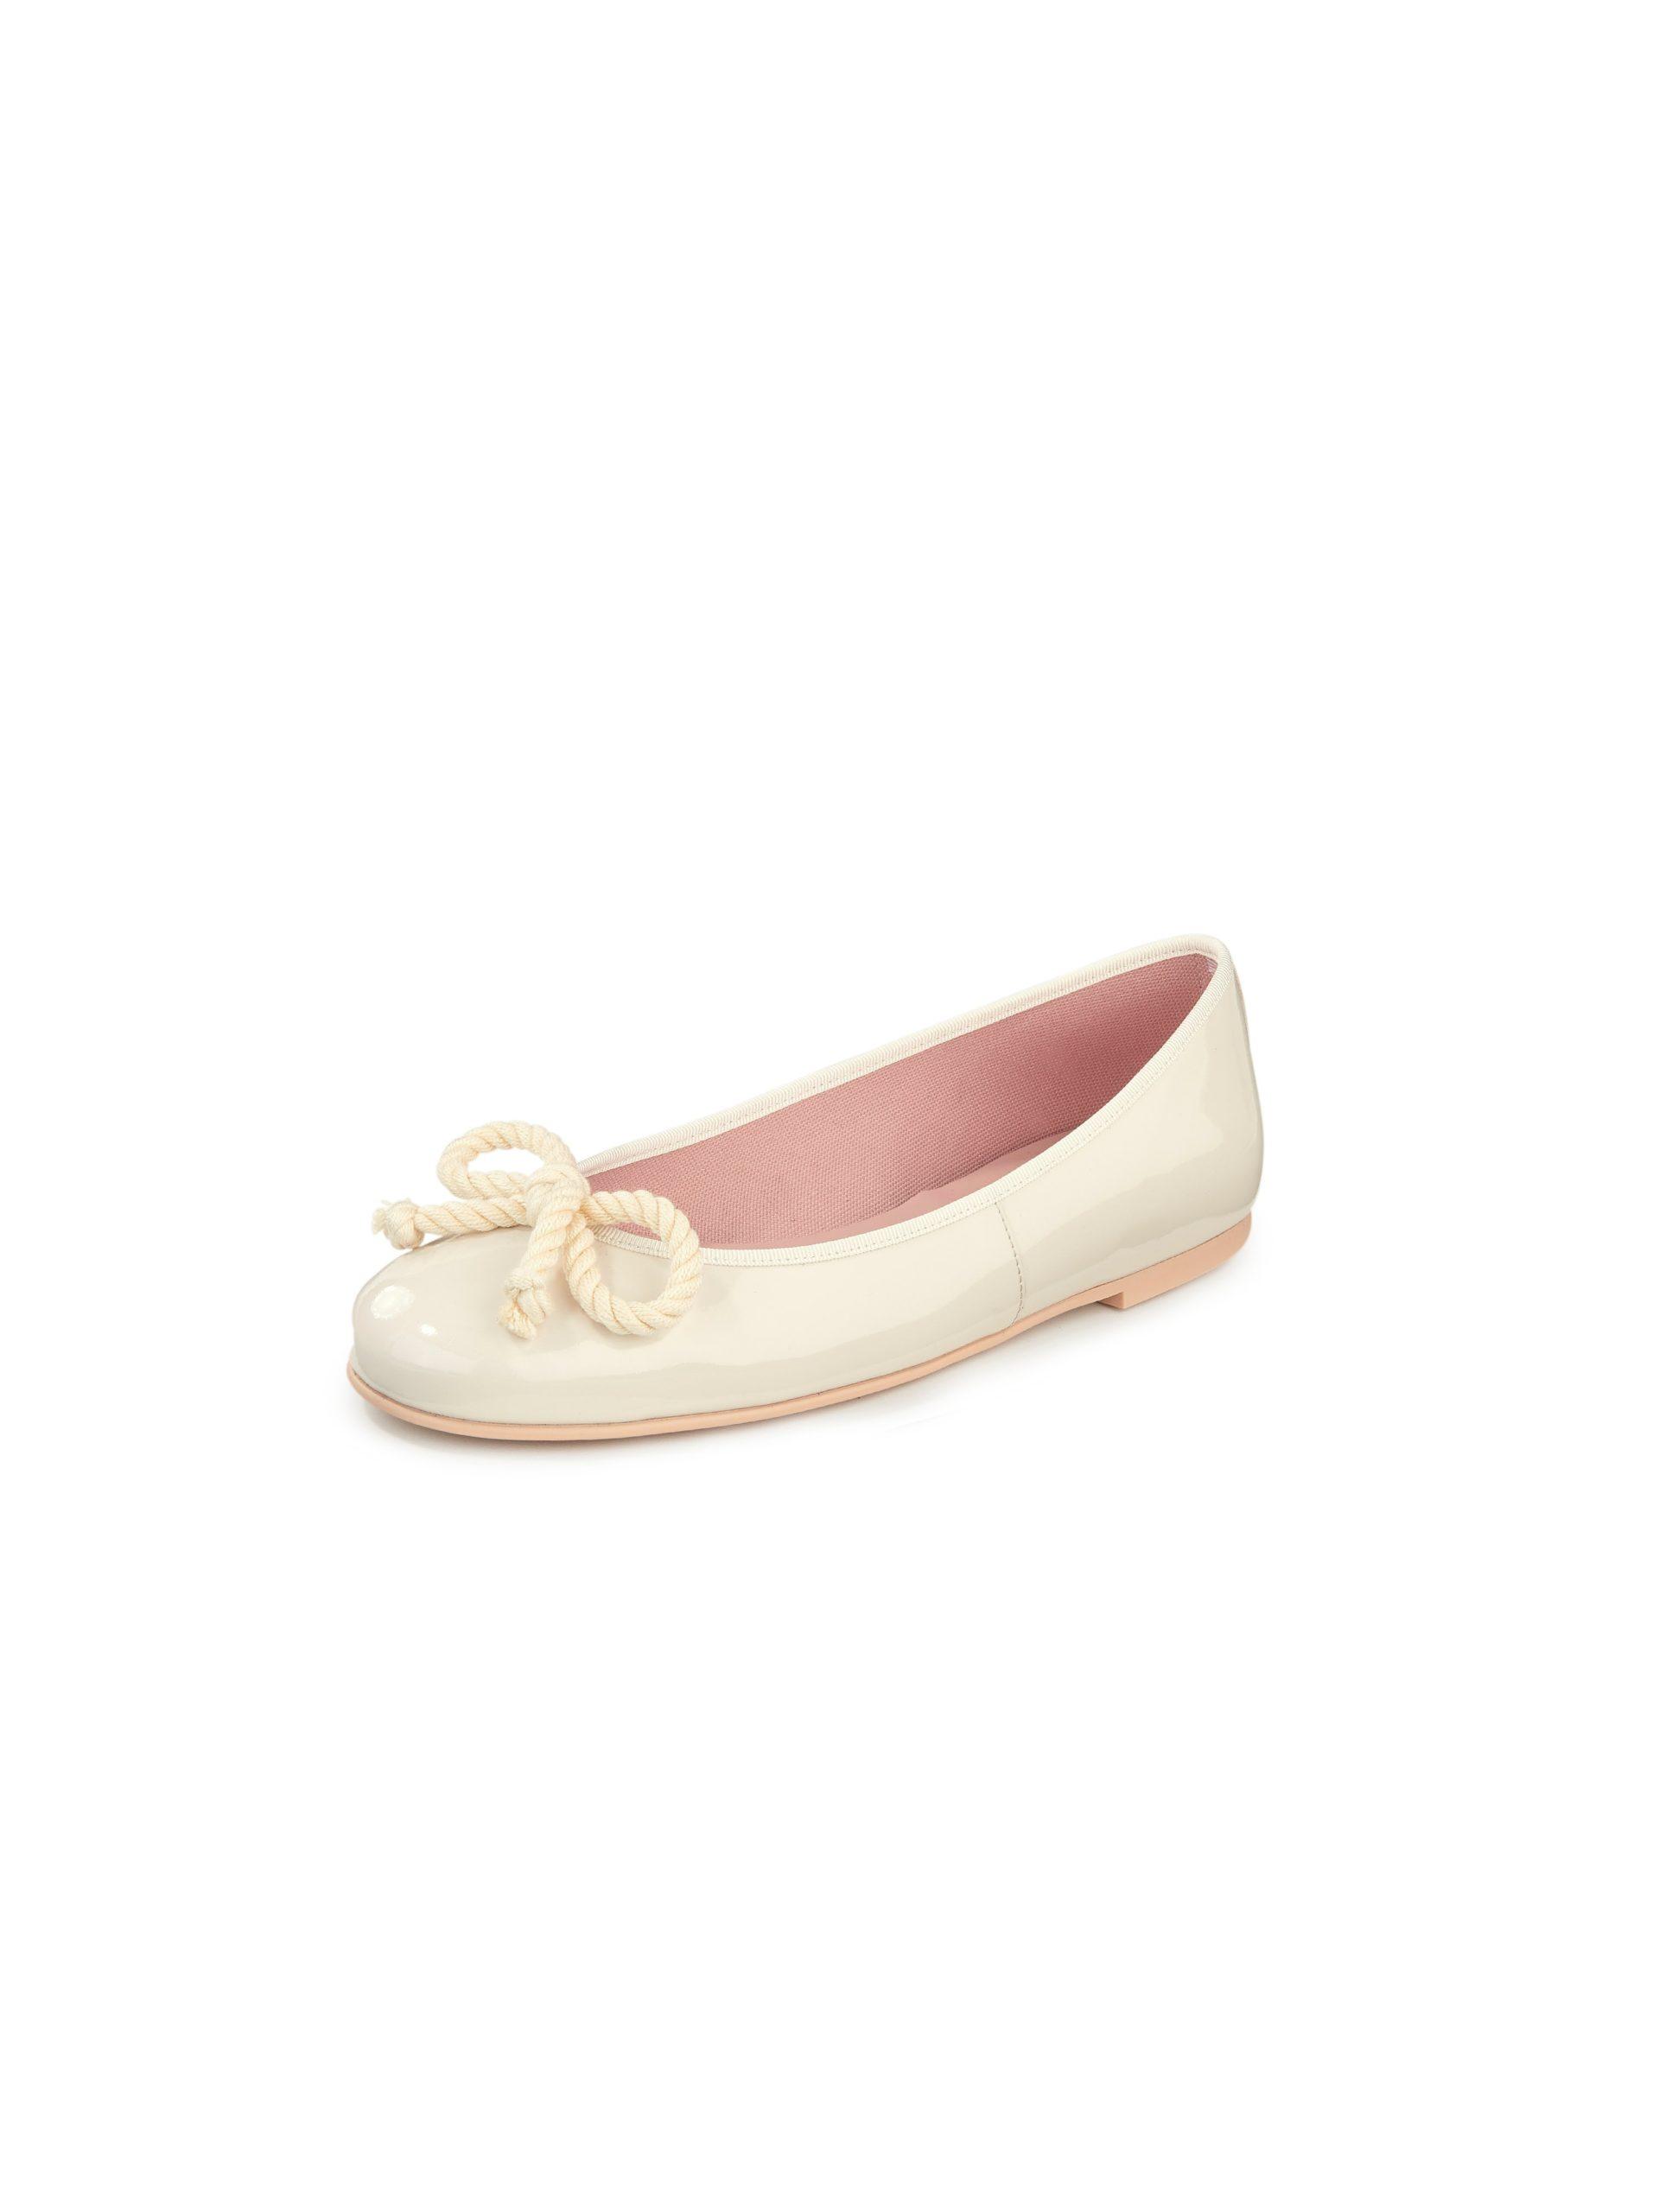 Ballerina's van kalfslakleer Van Pretty Ballerinas wit Kopen